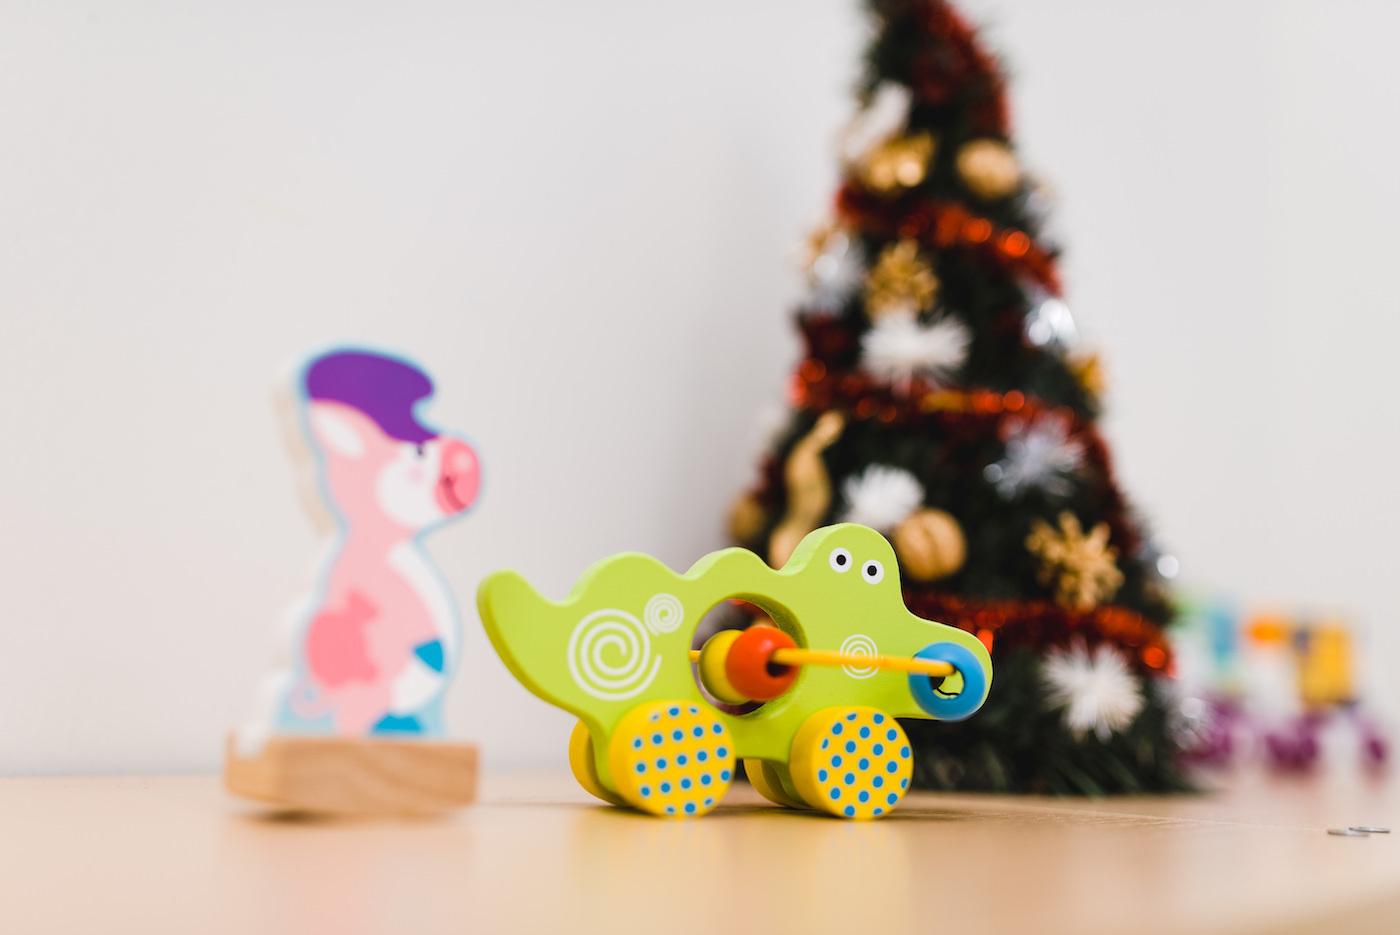 Zabawki w przedszkolu na tle choinki